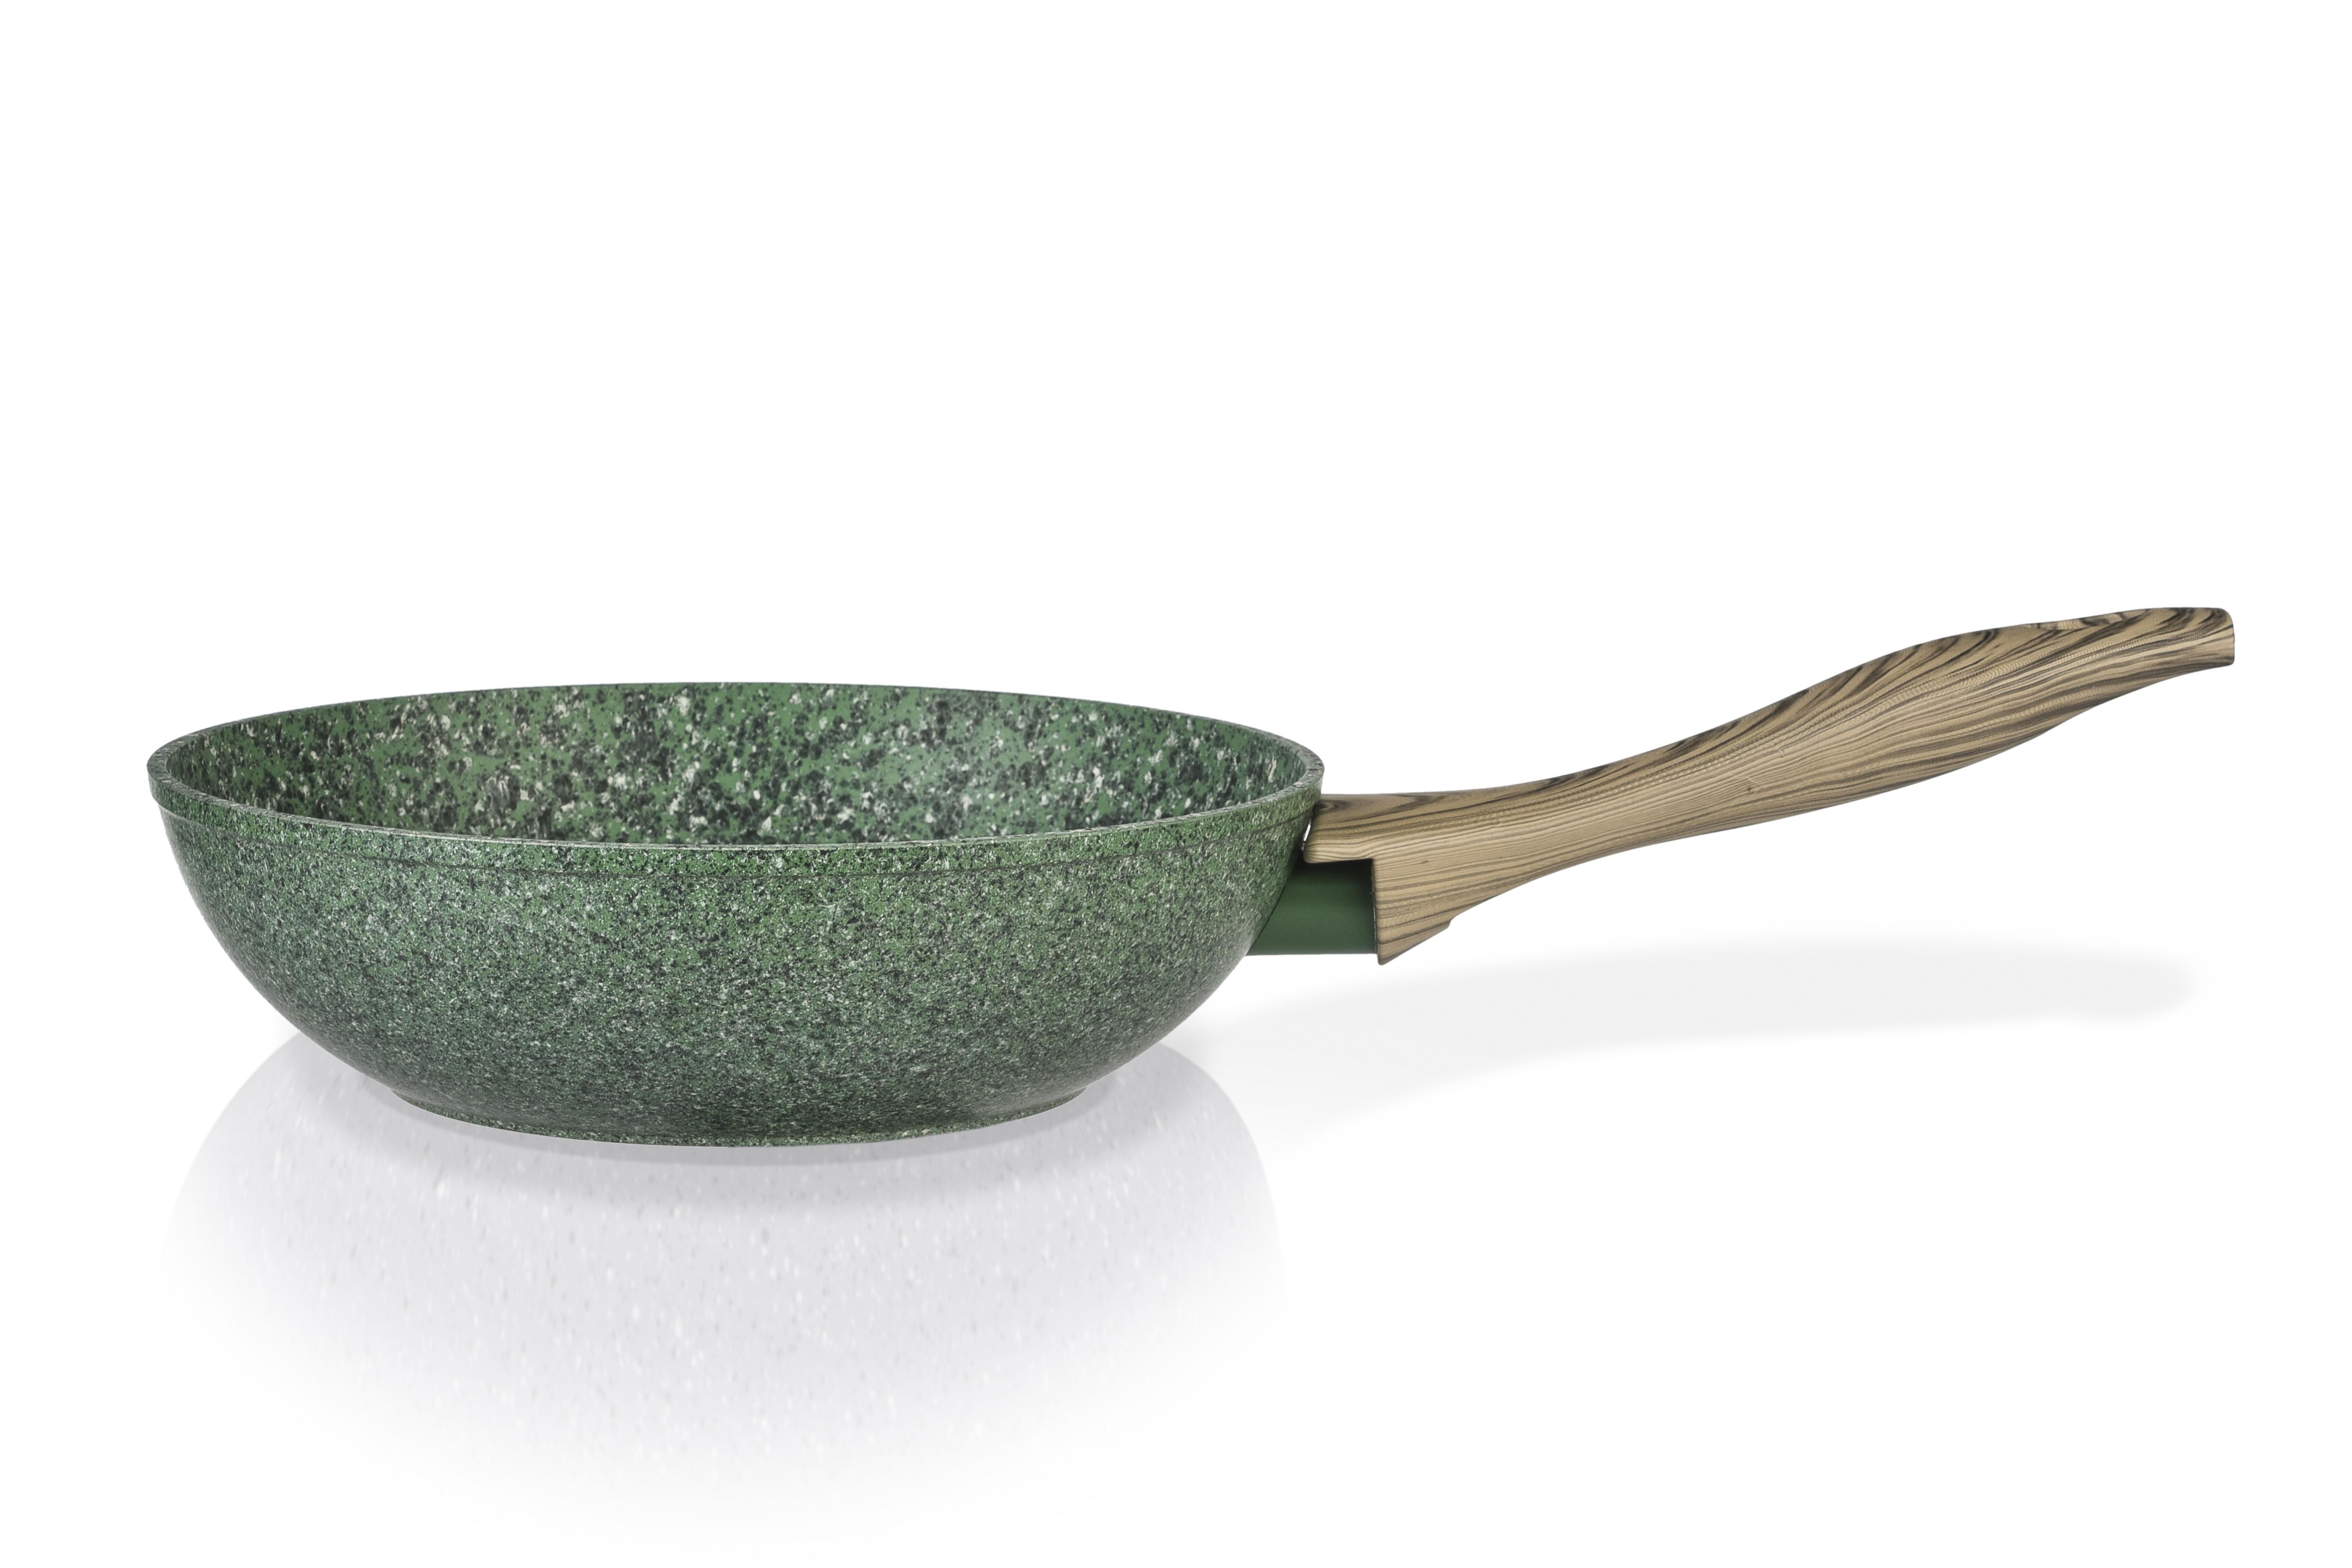 Сковорода-вок Fissman Malachite, с антипригарным покрытием.Диаметр 28 смAL-4315.28Сковорода-вок Fissman Malachite изготовлена из литого алюминия с многослойным антипригарным покрытием EcoStone, которое усилено вкраплением каменных частиц.1 слой улучшает сцепление покрытия с металлом; 2 слой - грунтовый, 3 слой - более прочное покрытие на основе минеральных компонентов; 4 слой - высокопрочное антипригарное покрытие, усиленное вкраплением каменных частиц; 5 дополнительный антипригарный слой с керамическими частицами. Главное преимущество такого покрытия - устойчивость к царапинам и износу. Также покрытие безопасно для здоровья человека и окружающей среды. Утолщенное дно сковороды равномерно распределяет тепло, что позволяет продуктам готовиться быстро и равномерно. Эргономичная бакелитовая ручка не нагревается и не скользит в руках. Диаметр (по верхнему краю): 28 см. Диаметр дна: 16,5 см. Высота стенок: 8 см.